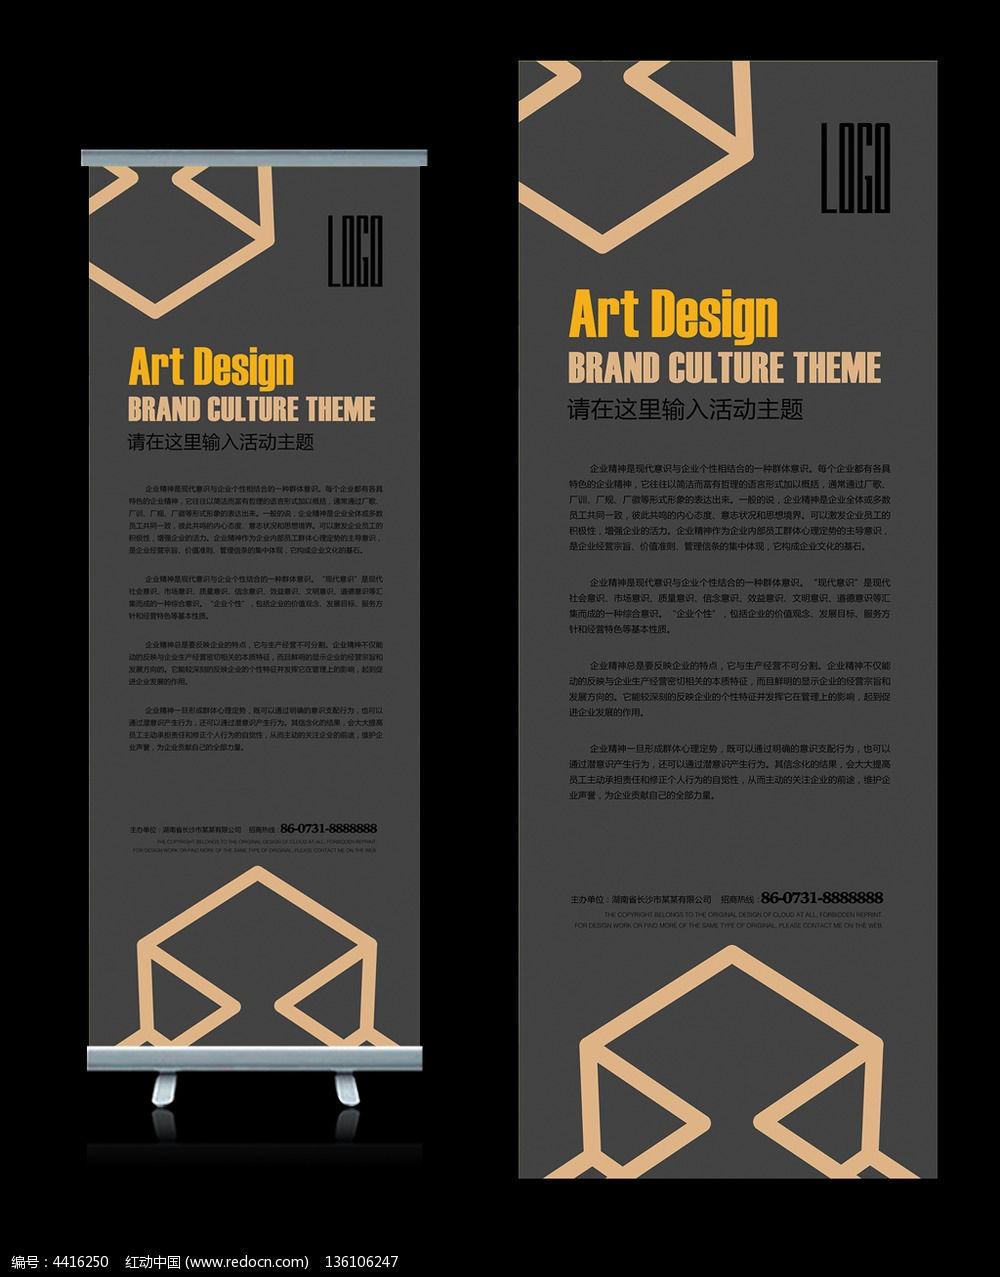 工业4.0概念创意X展架设计